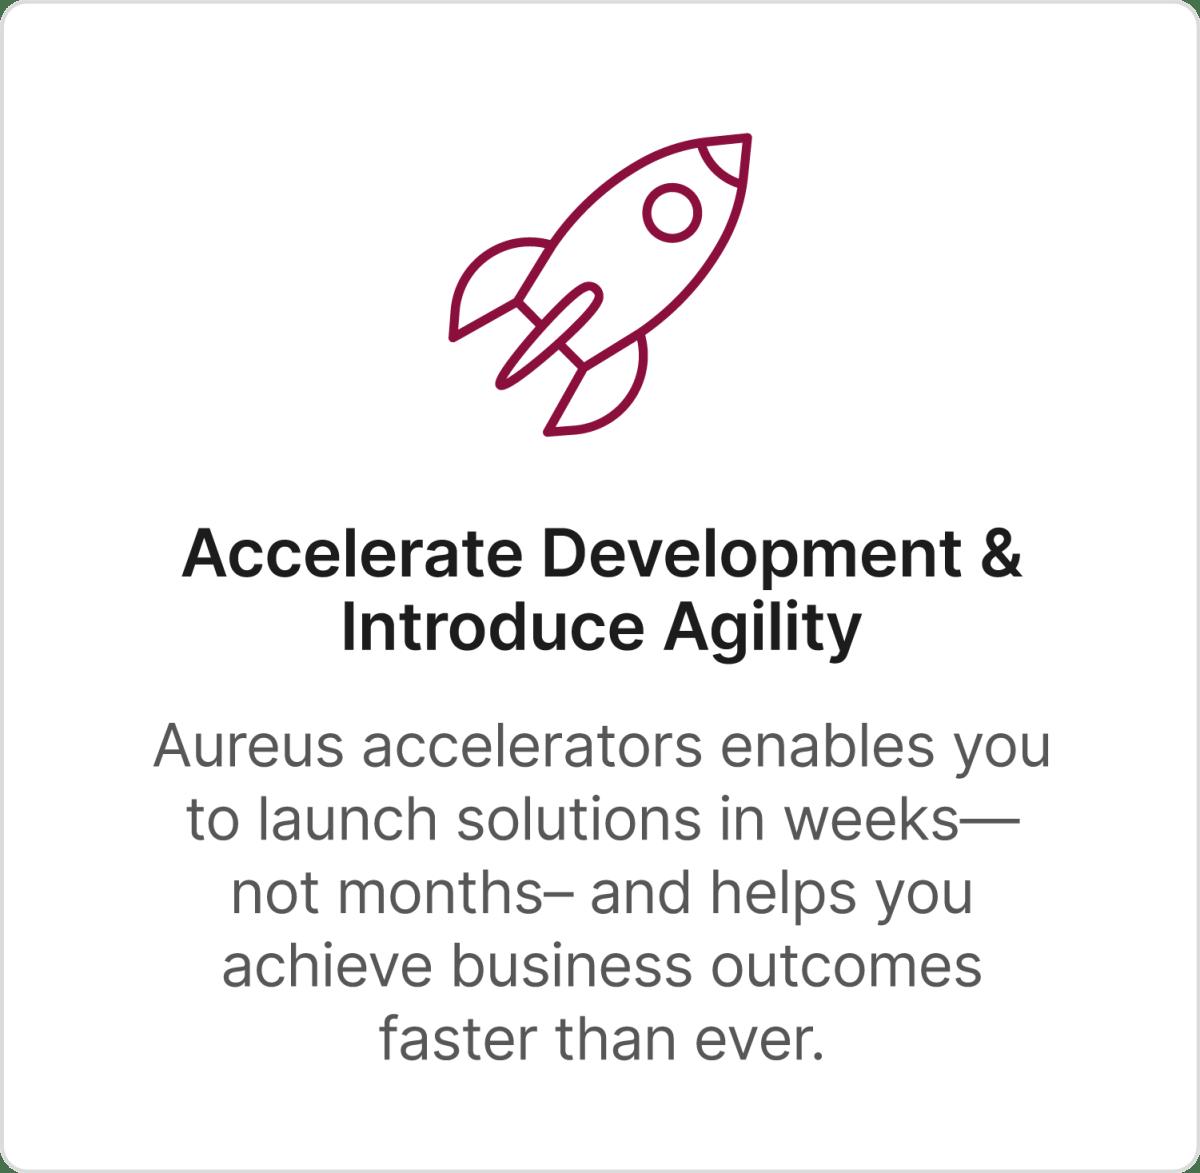 Accelerate Development + Introduce Agility